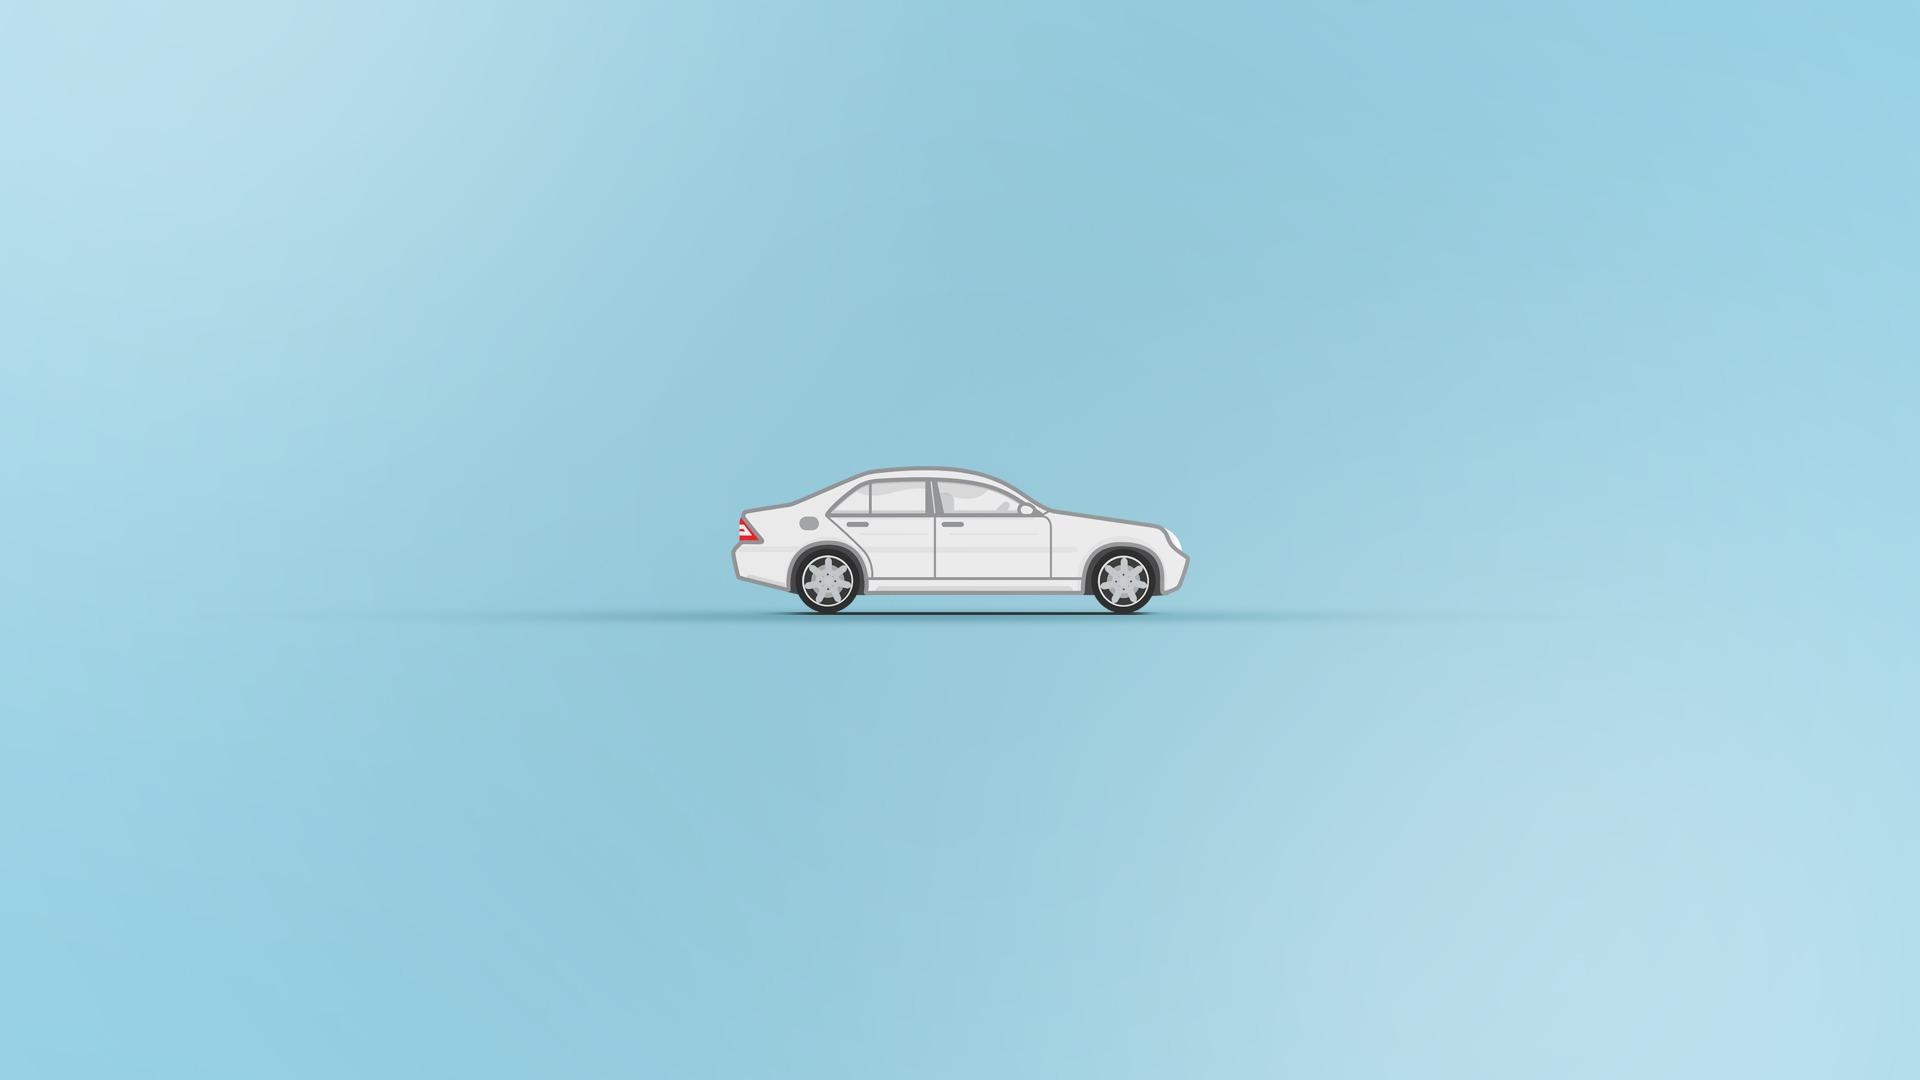 феофилактова картинки минимализм машины музыке